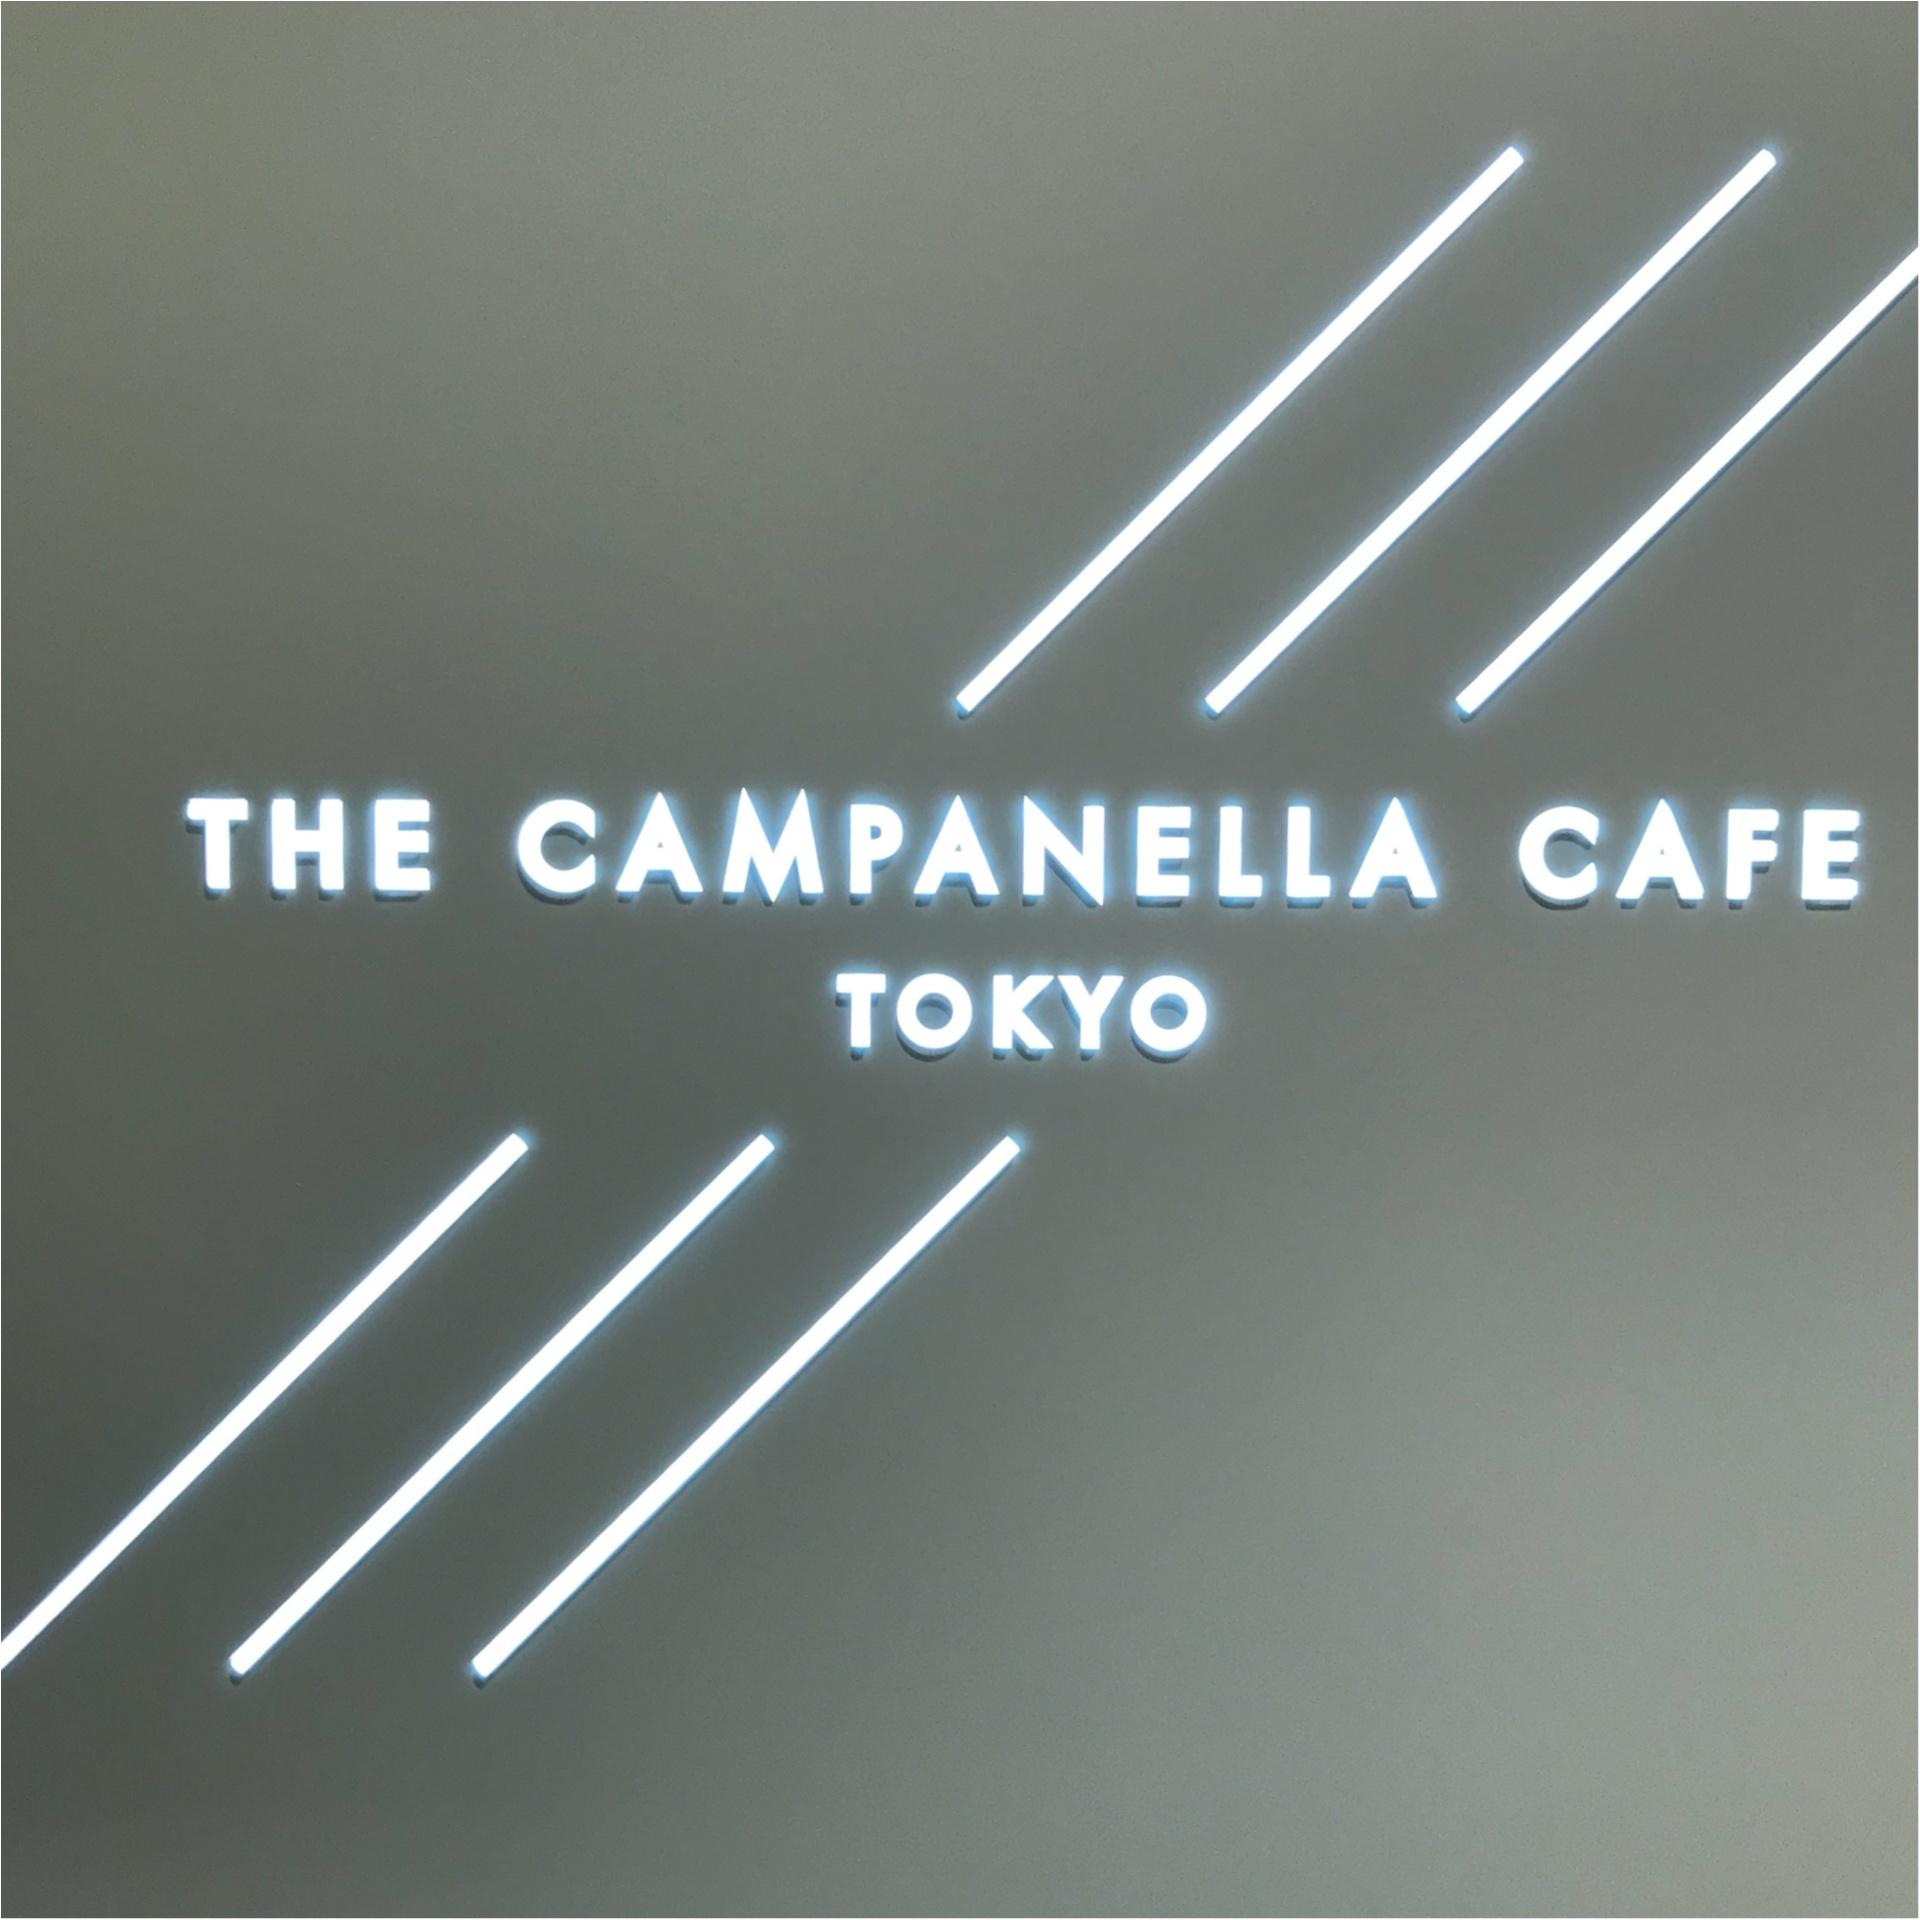 ★ブルー→パープルの変化系ドリンクがあるお店♡大好きな水色がたくさん!『CAMPANELLA CAFE』へ行ってきました★_1